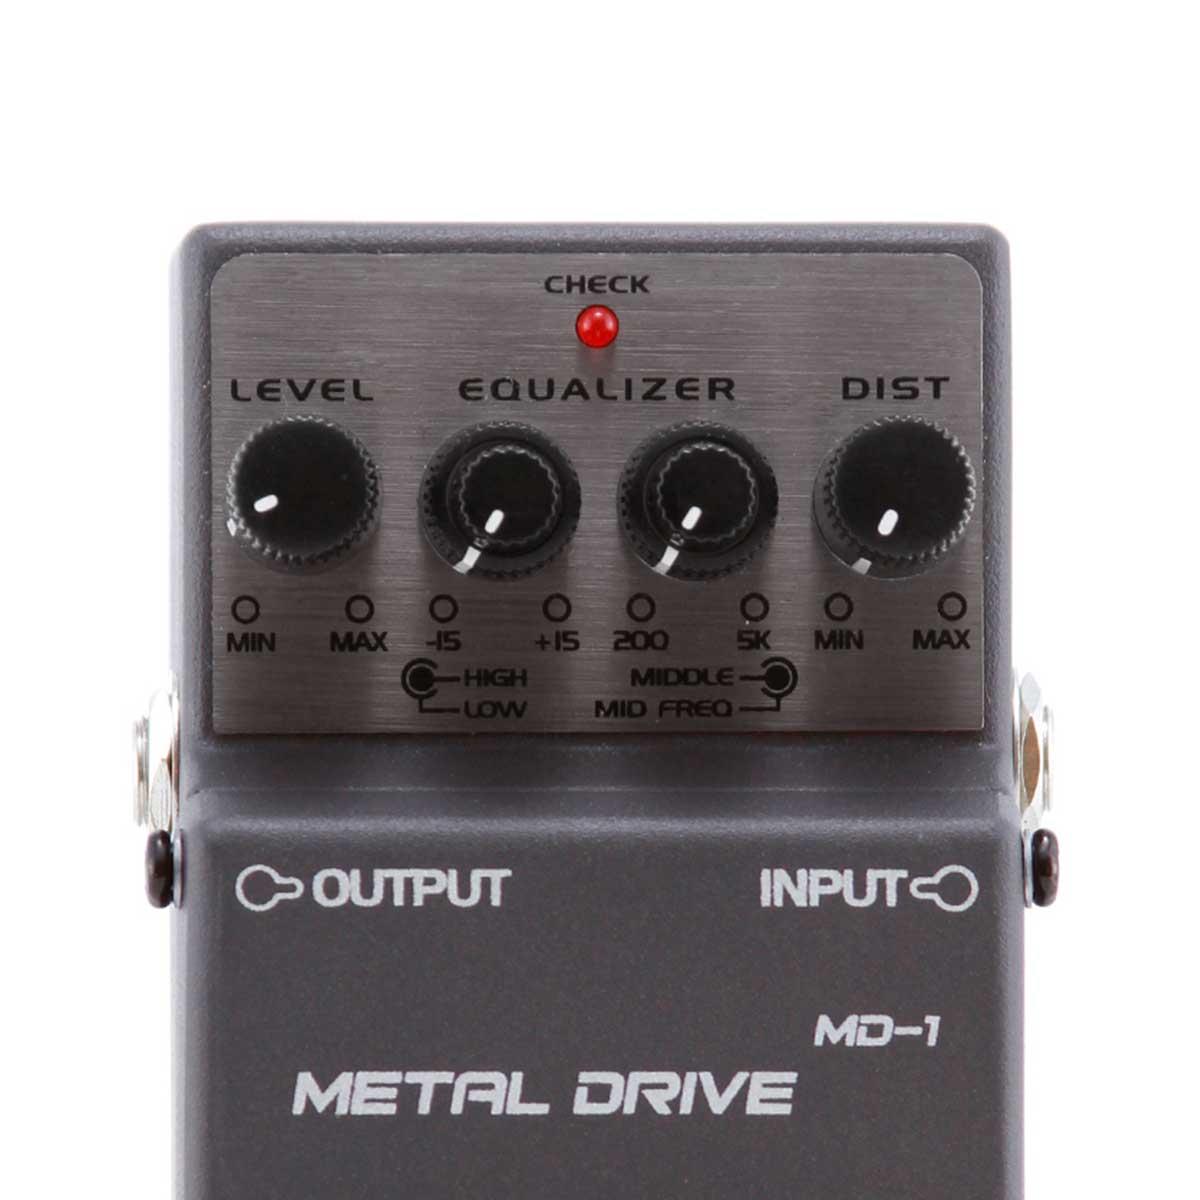 Pedal Guitarra MD1 Metal Drive MD 1 - Waldman